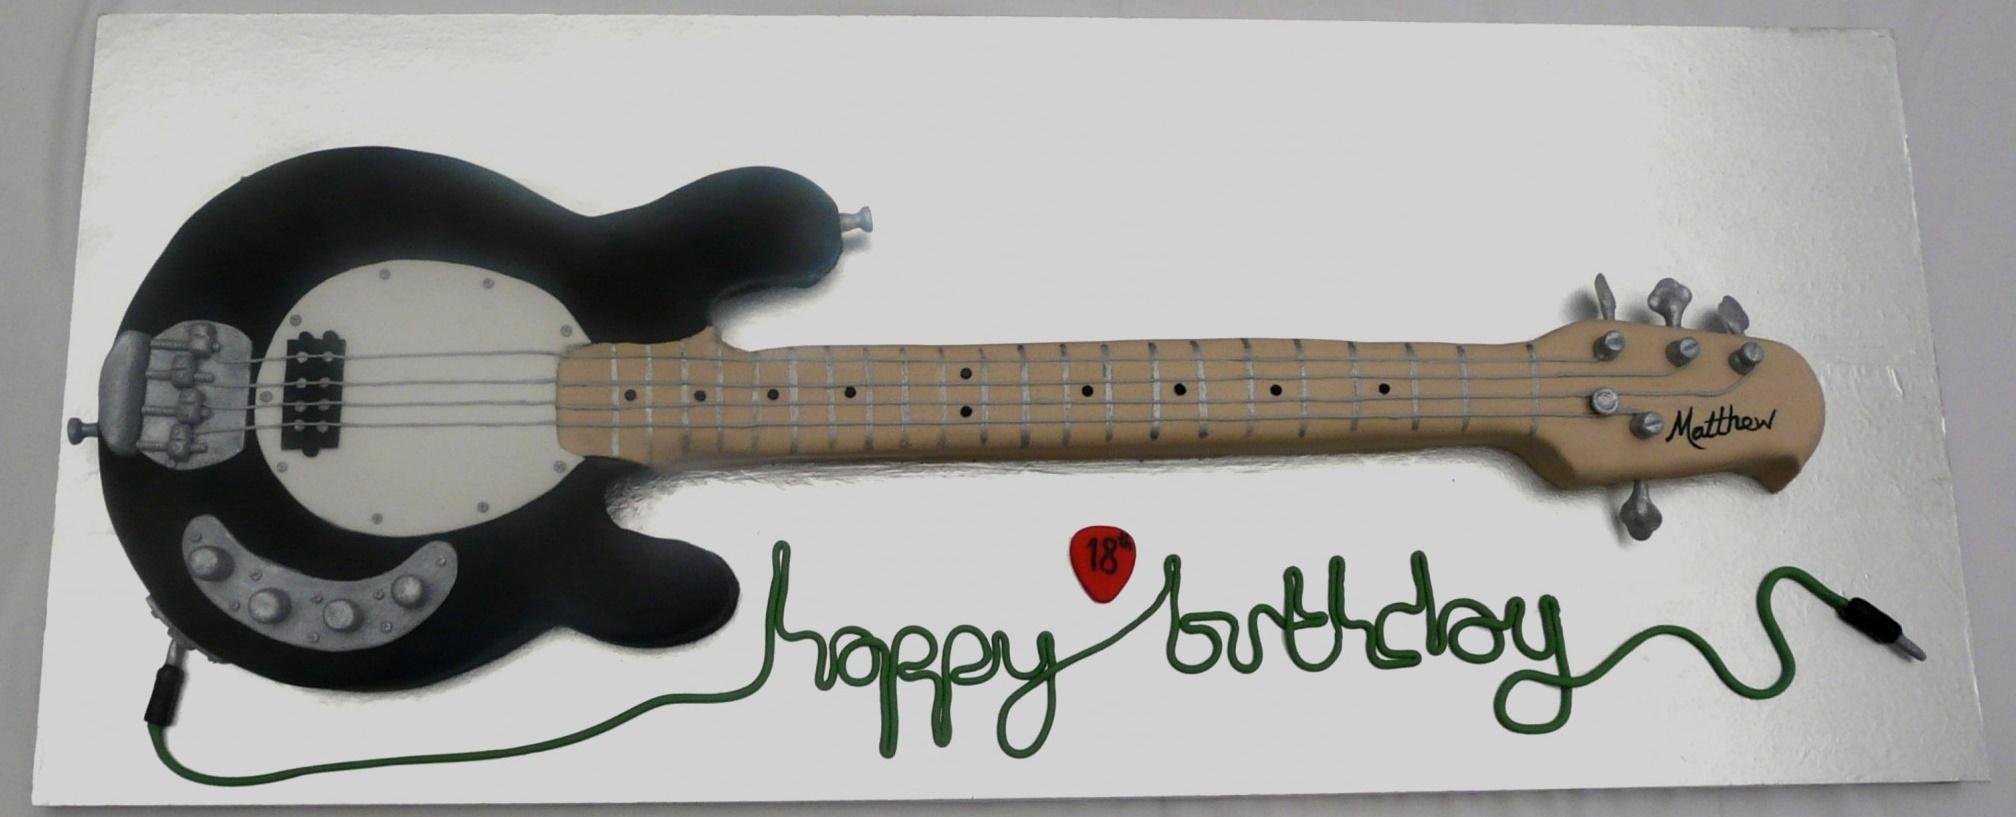 cadeau pour bassiste page 50 cadeaux pour musiciens. Black Bedroom Furniture Sets. Home Design Ideas